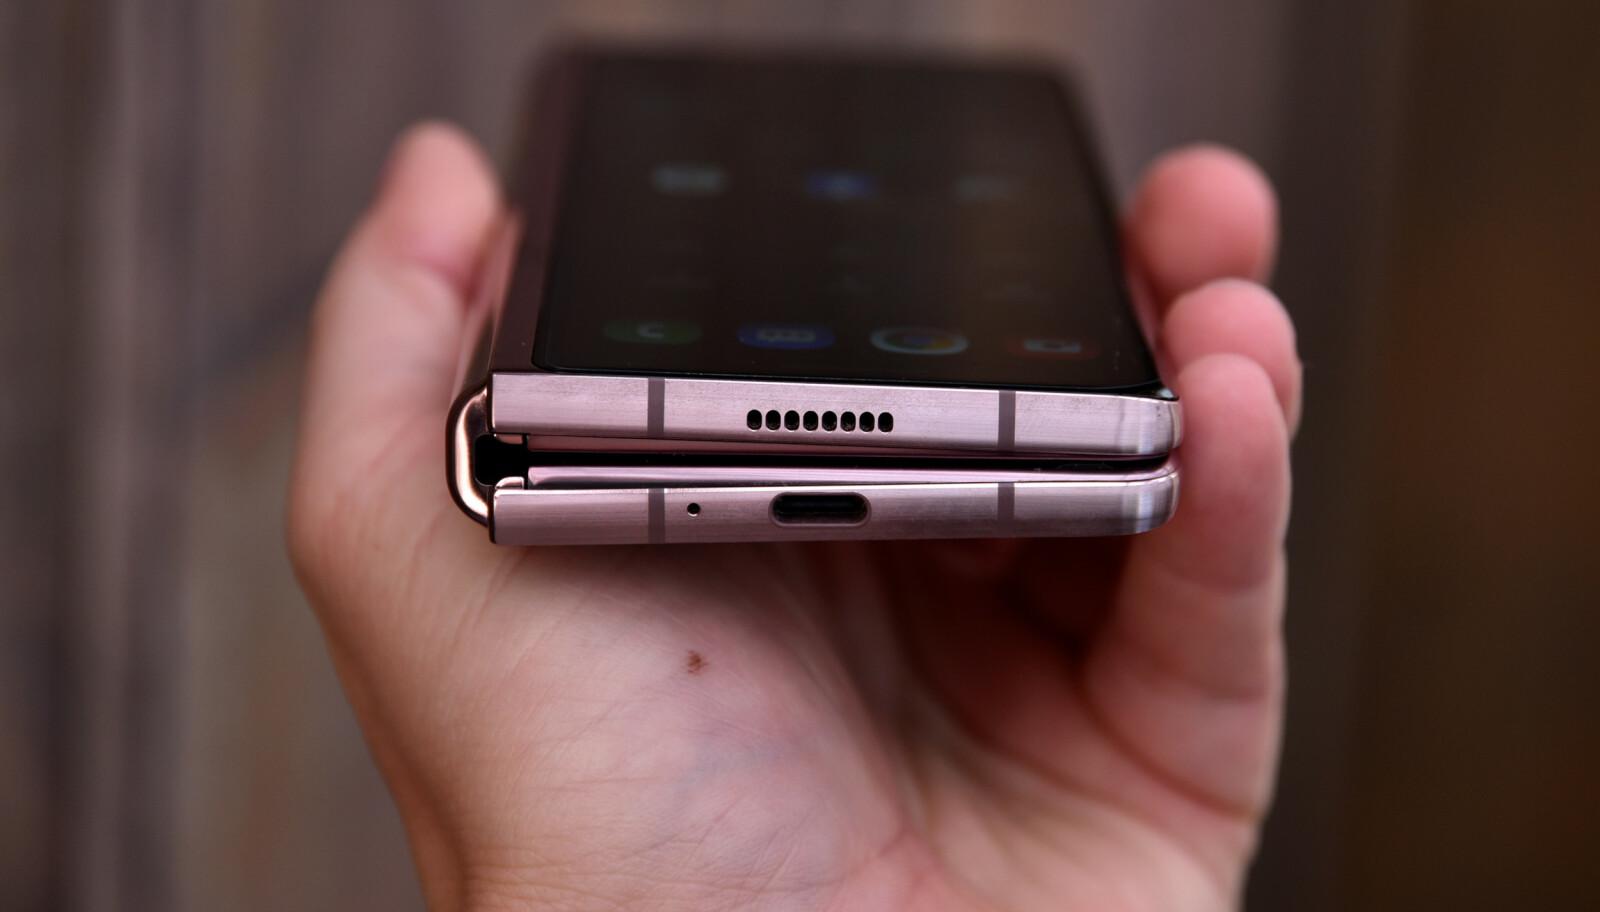 <strong>NYTT HENGSEL:</strong> Ikke bare gjør det nye hengselet at telefonen kan stå som en bærbar PC - det har også ekstra beskyttelse mot at det kommer ting som sand og den slags inn mot den indre skjermen. Foto: Pål Joakim Pollen